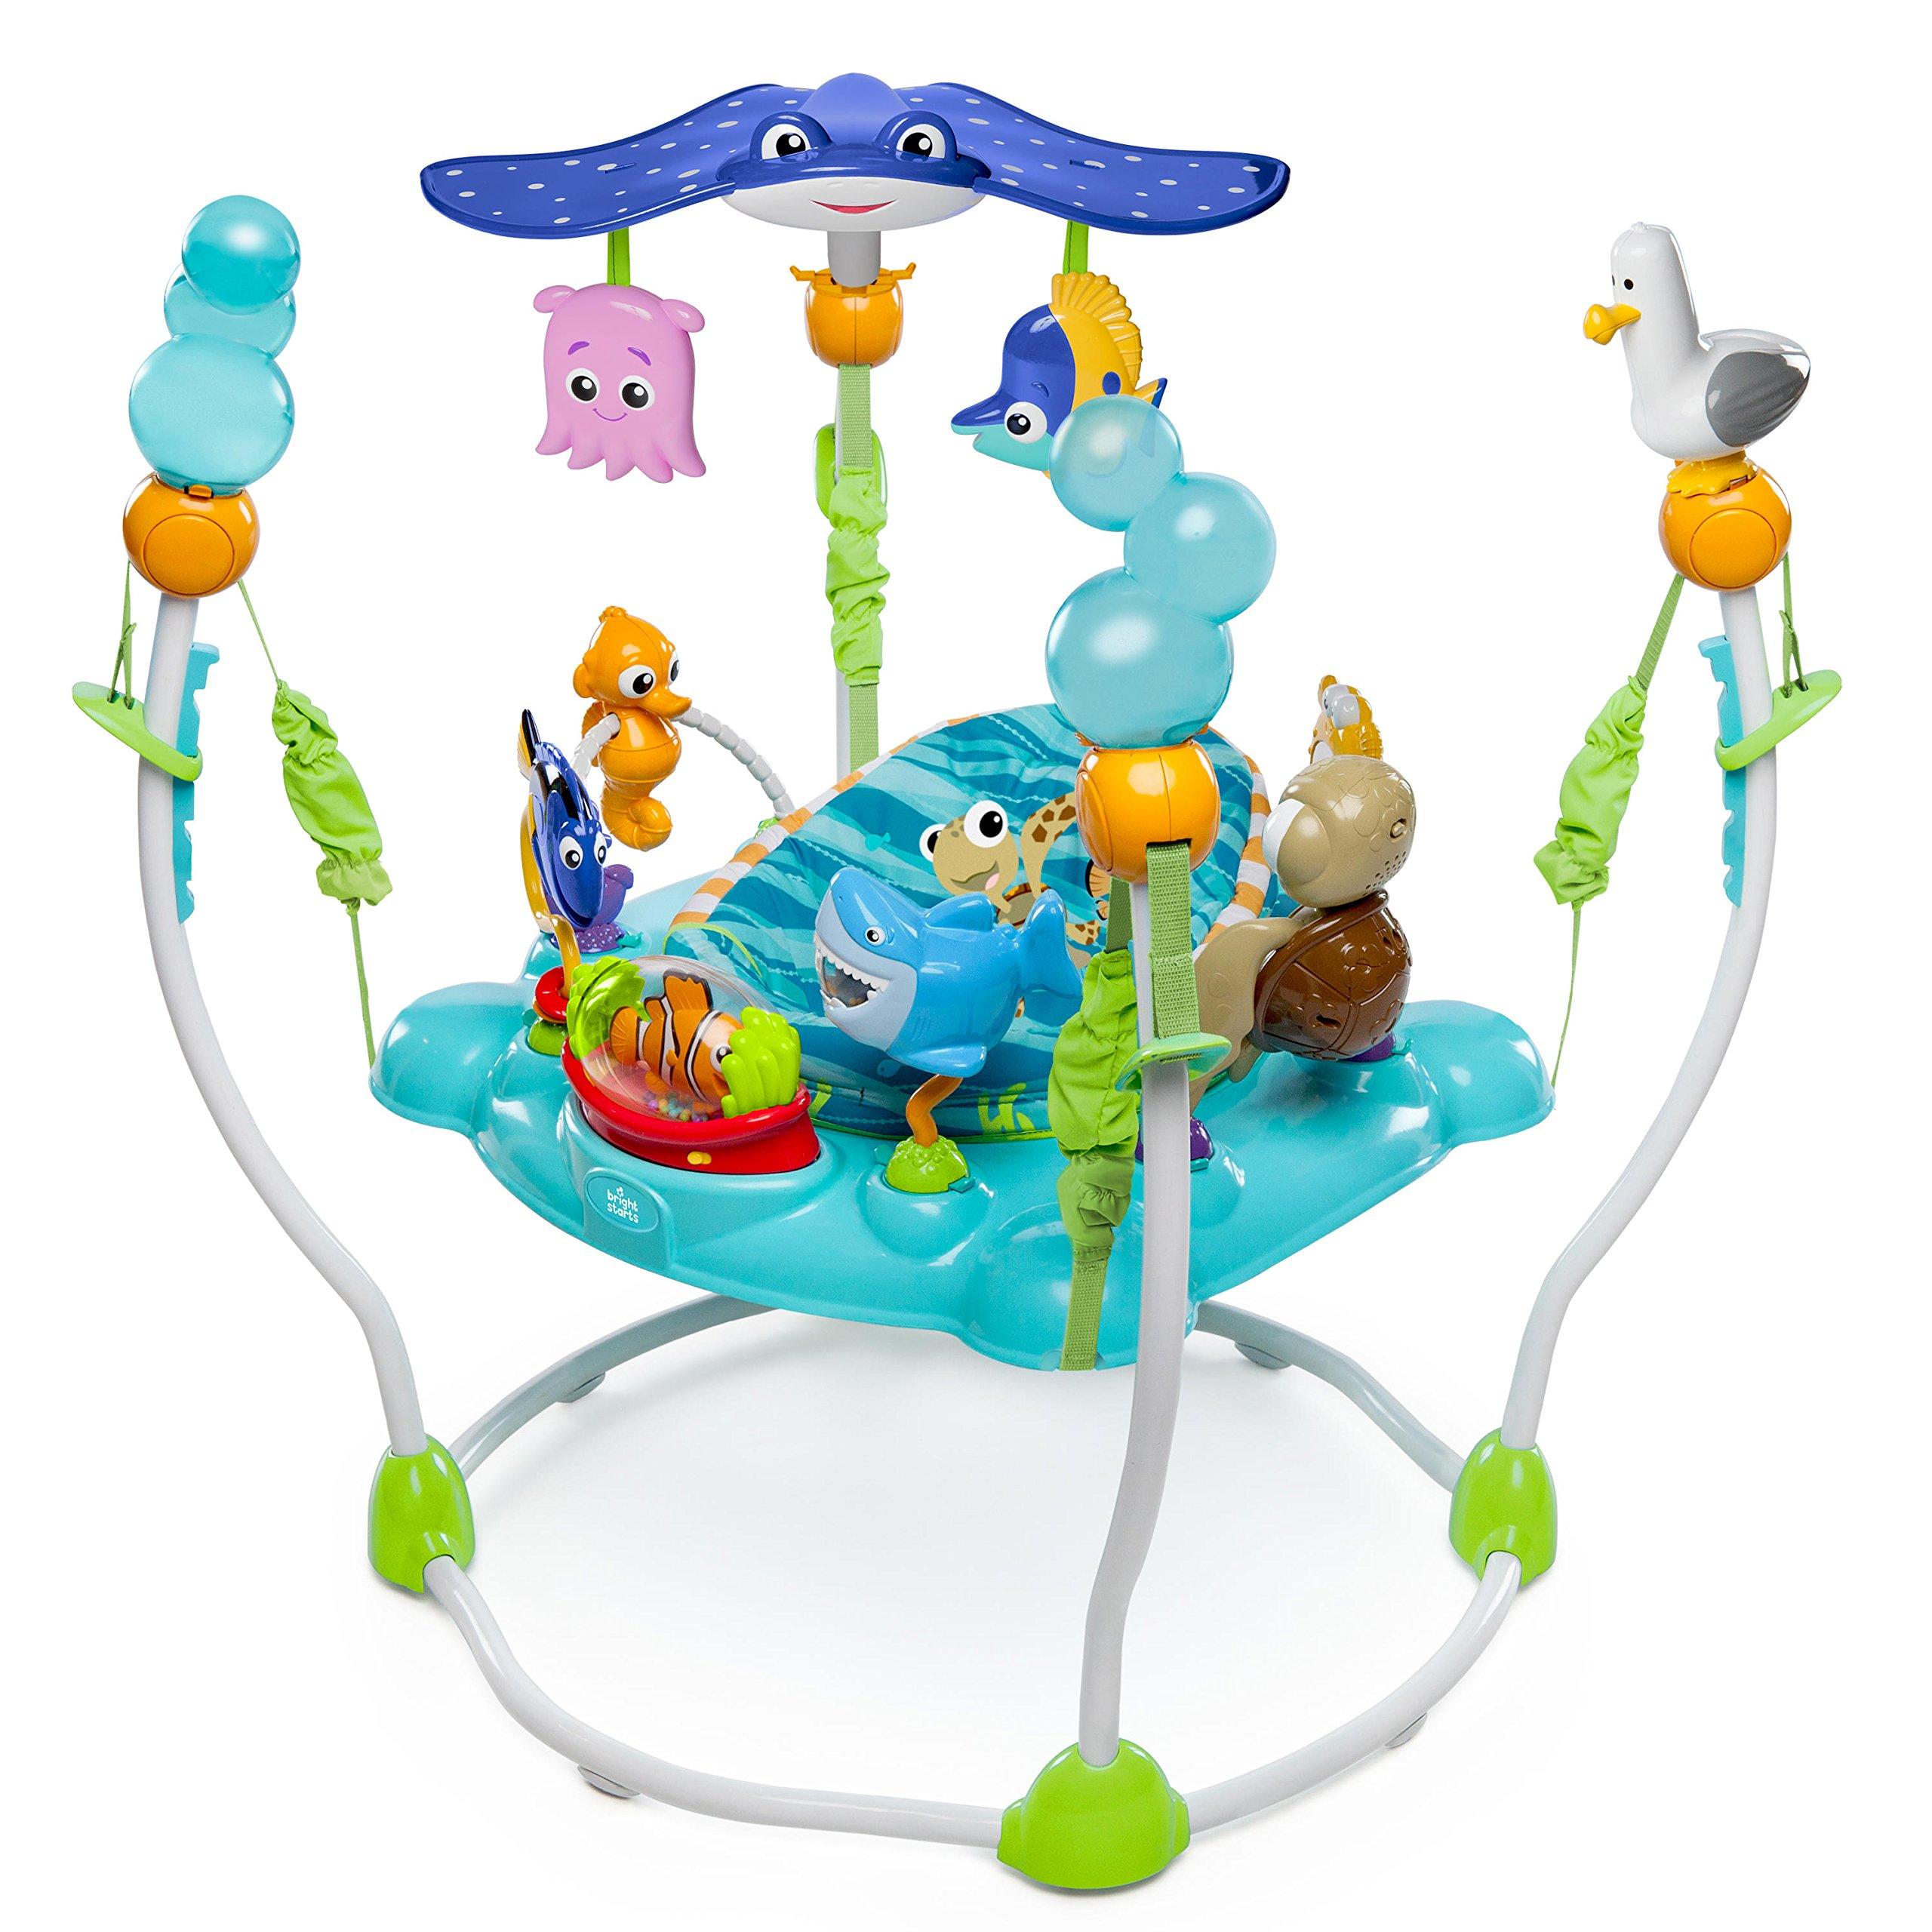 Disney Baby, Saltador y Centro de actividades Buscando a Nemo con más de 13  juguetes, luz y música, 4 alturas regulables.